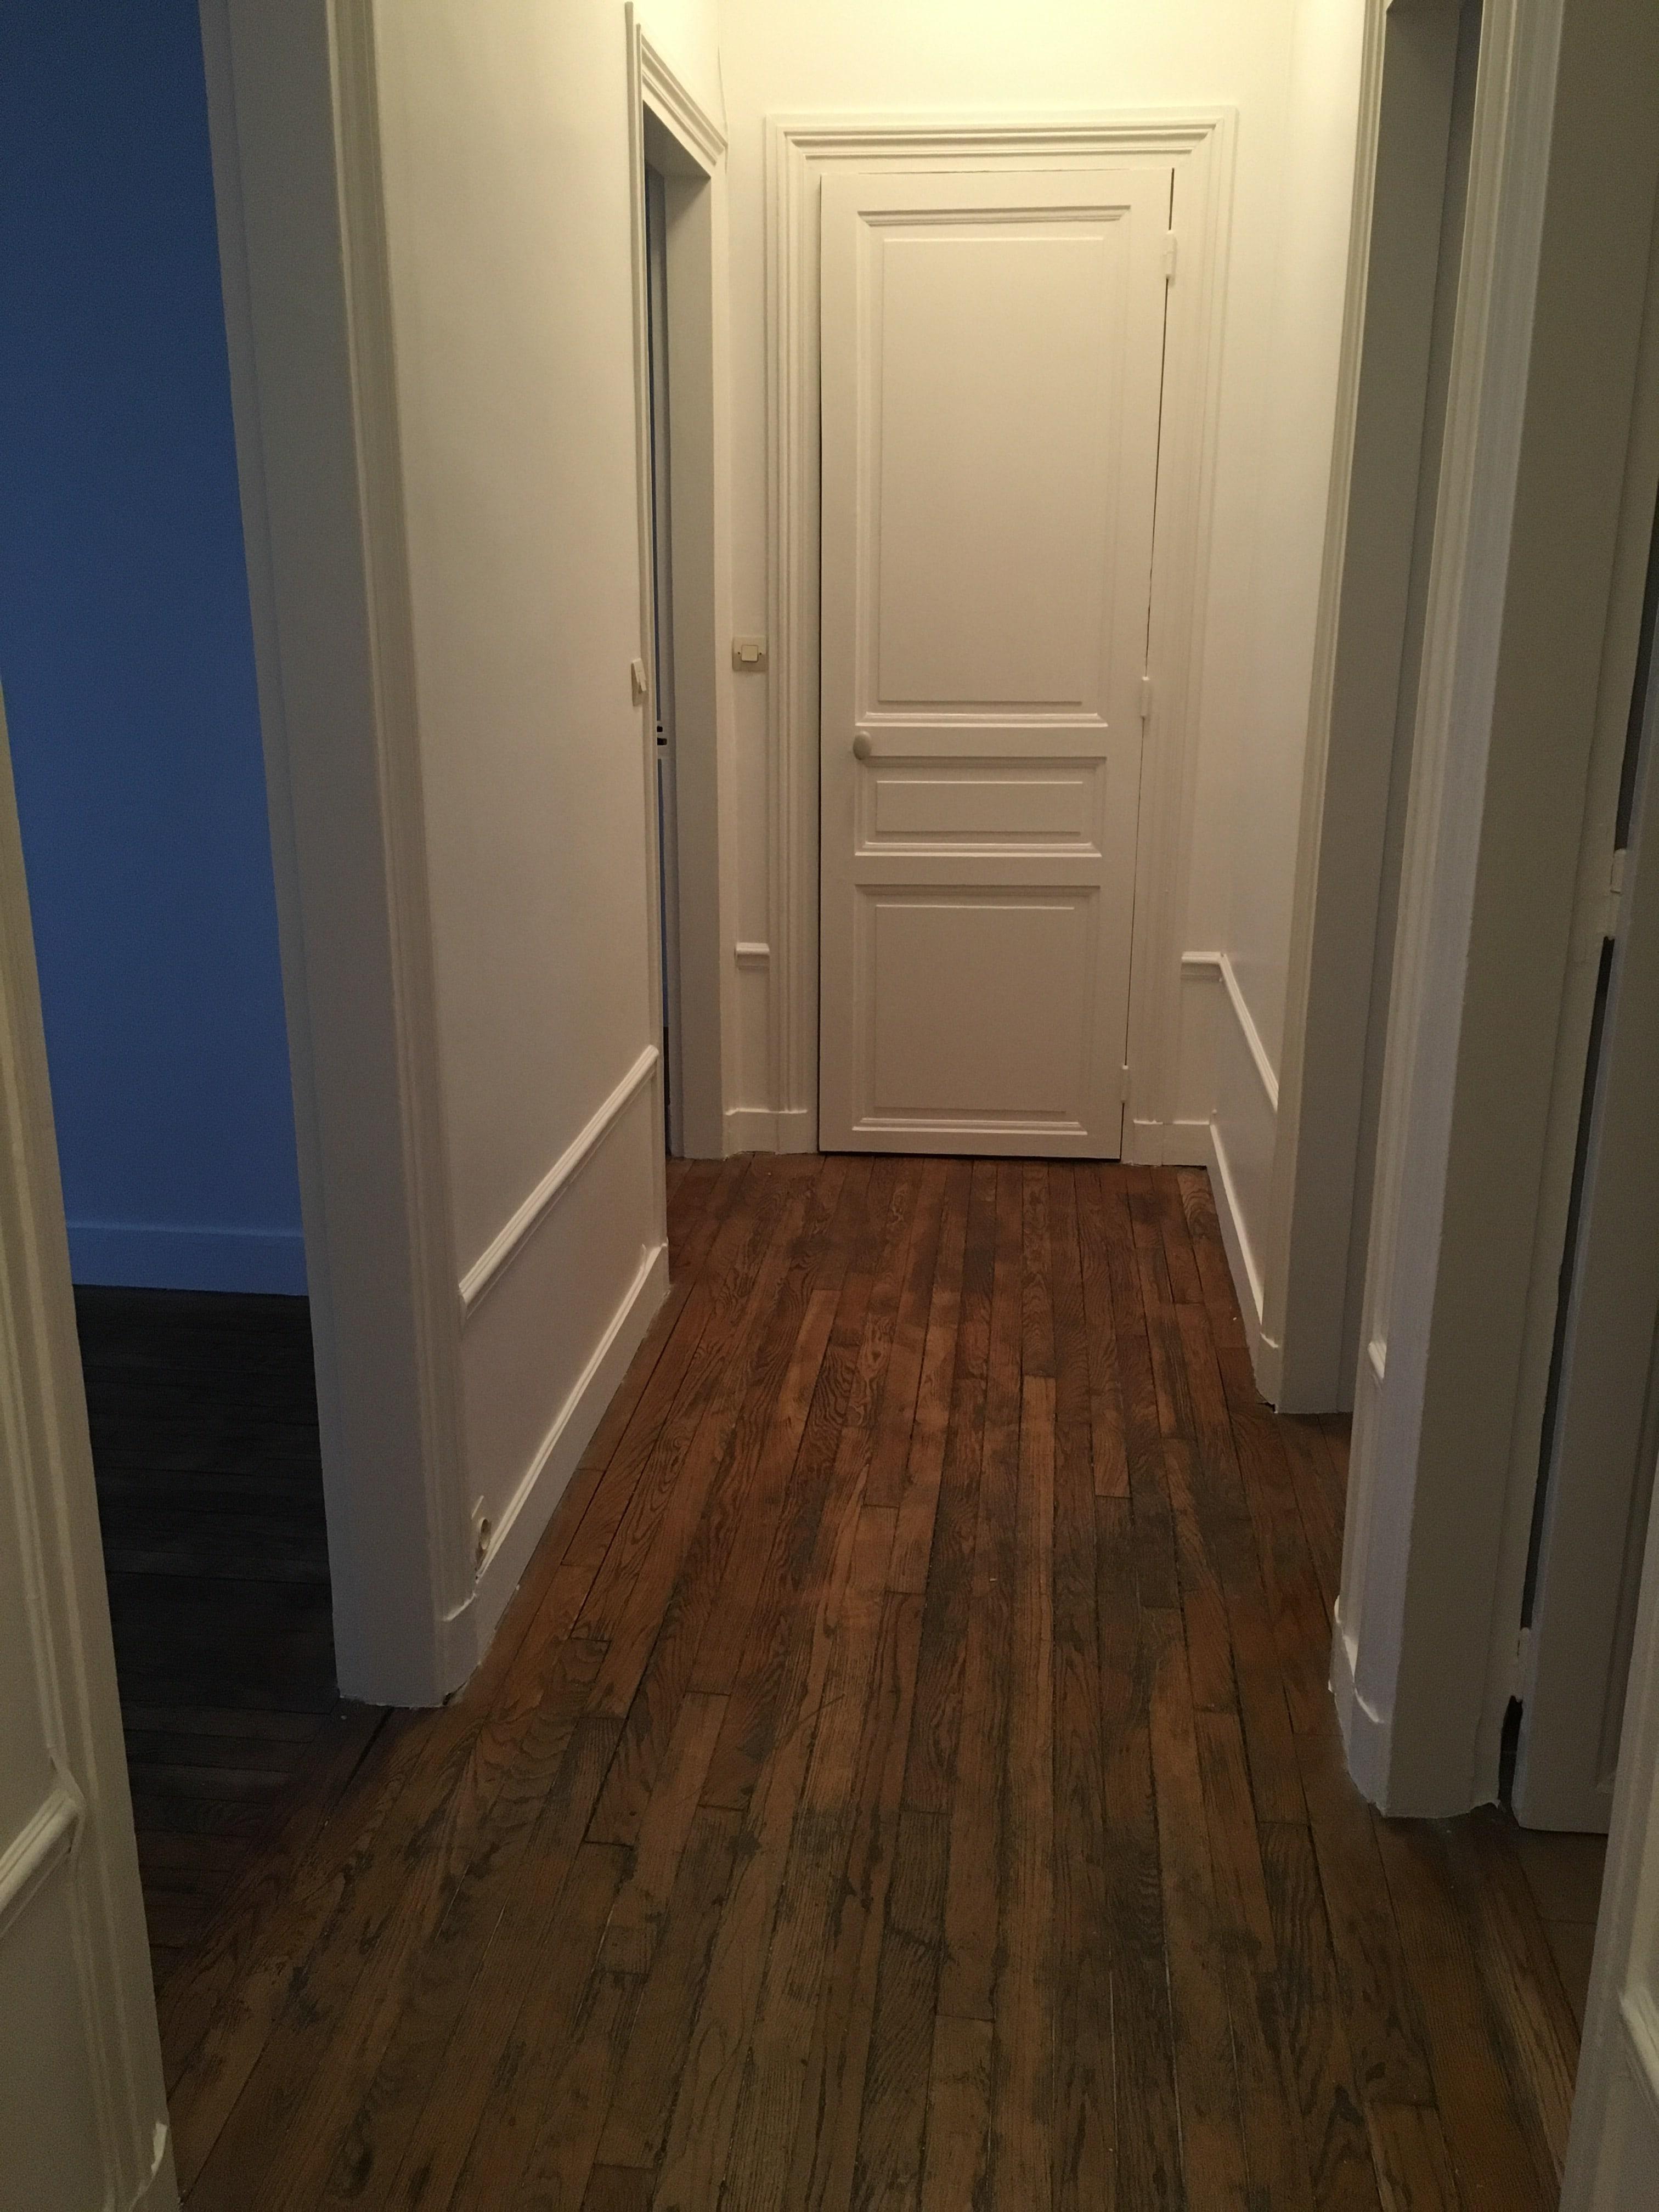 couloir-texas-batiment-maghawry-peinture-interieur-min